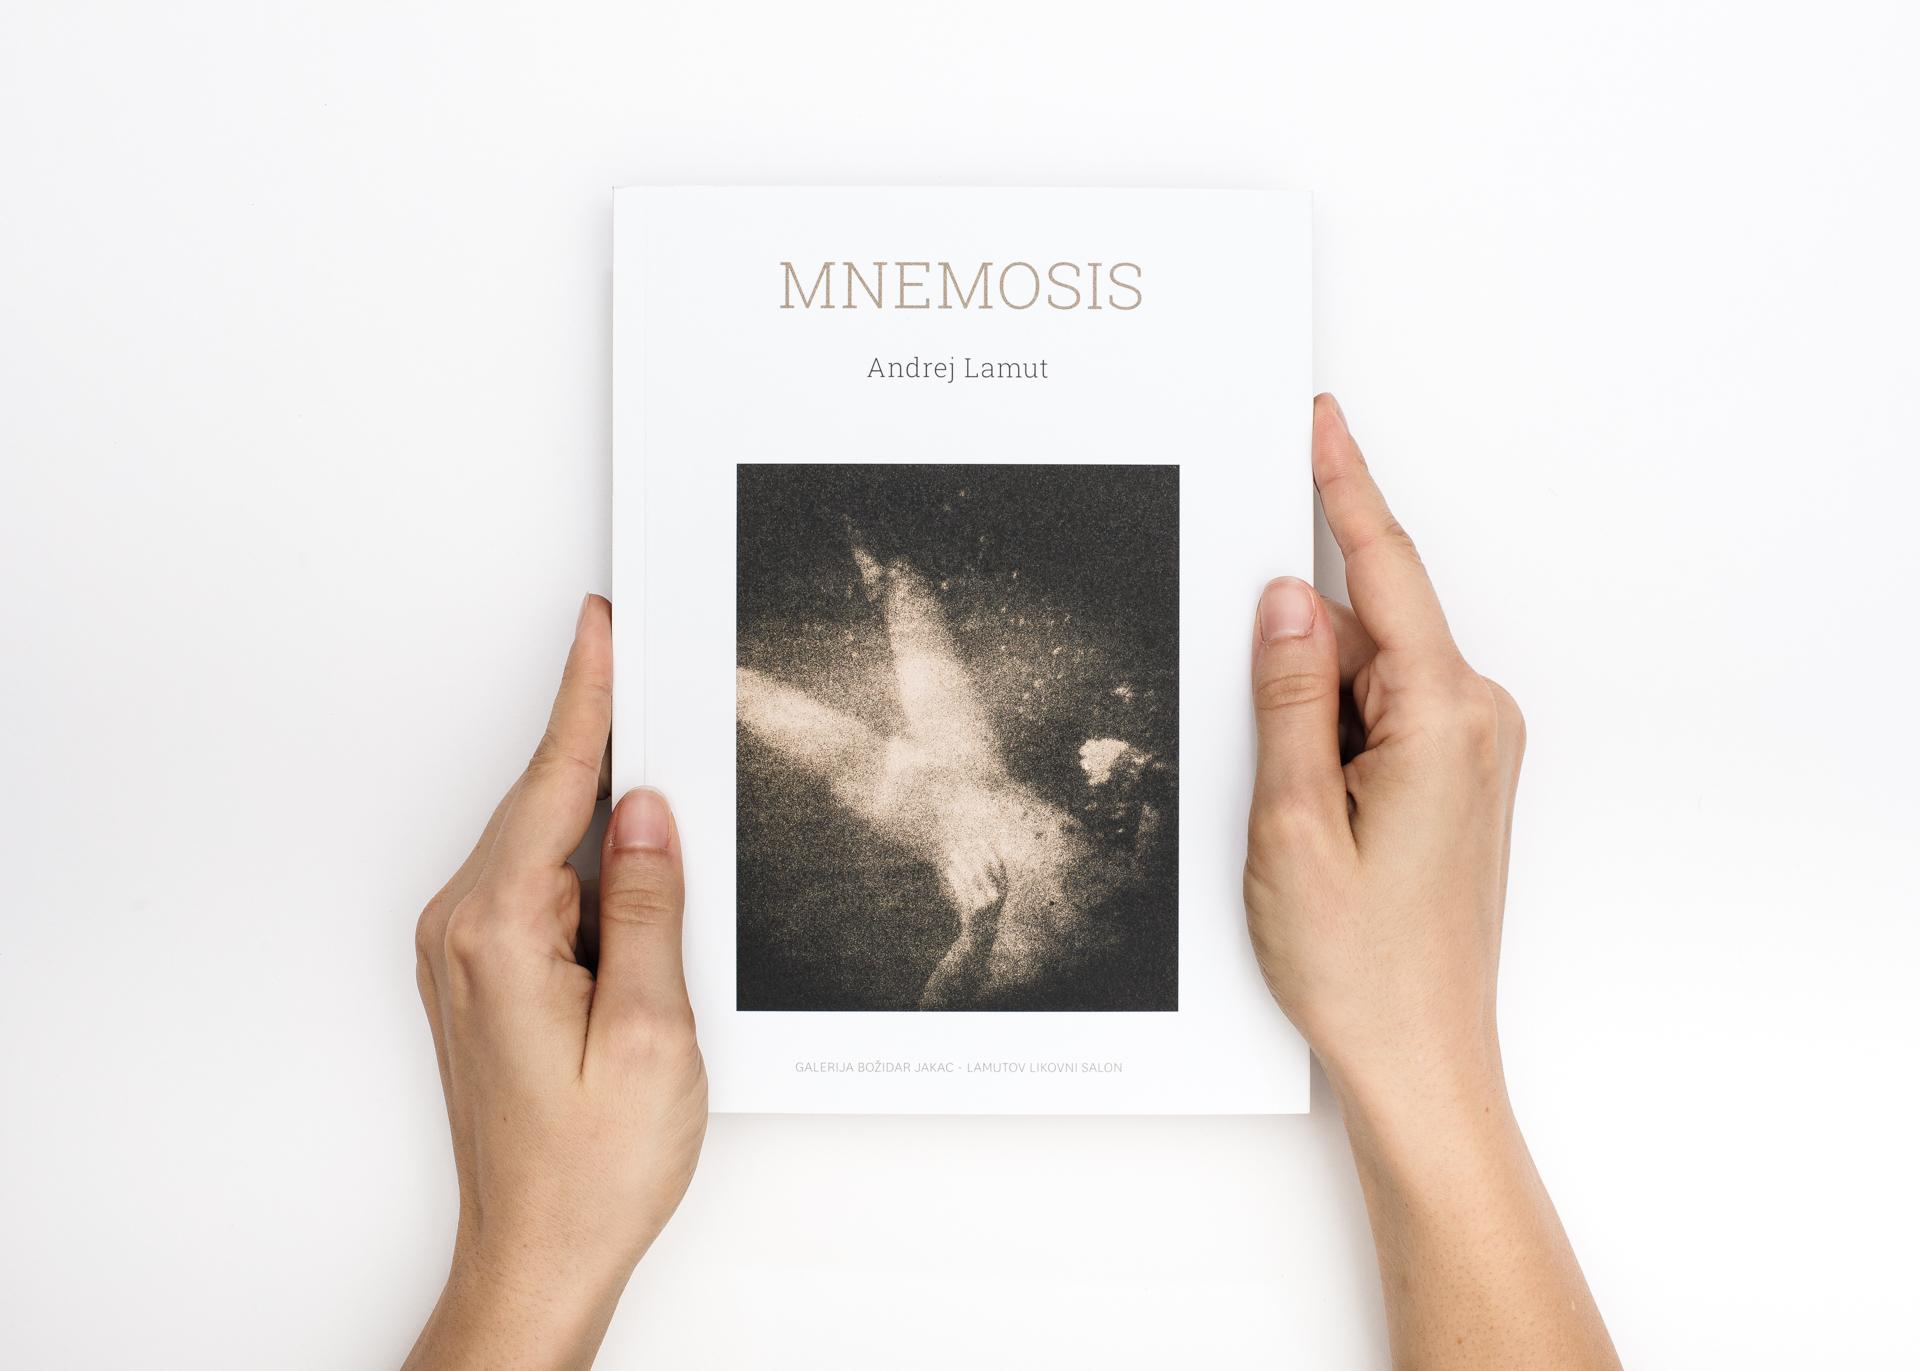 Mnemosis_Katalog_2018_Andrej-Lamut-2.jpg